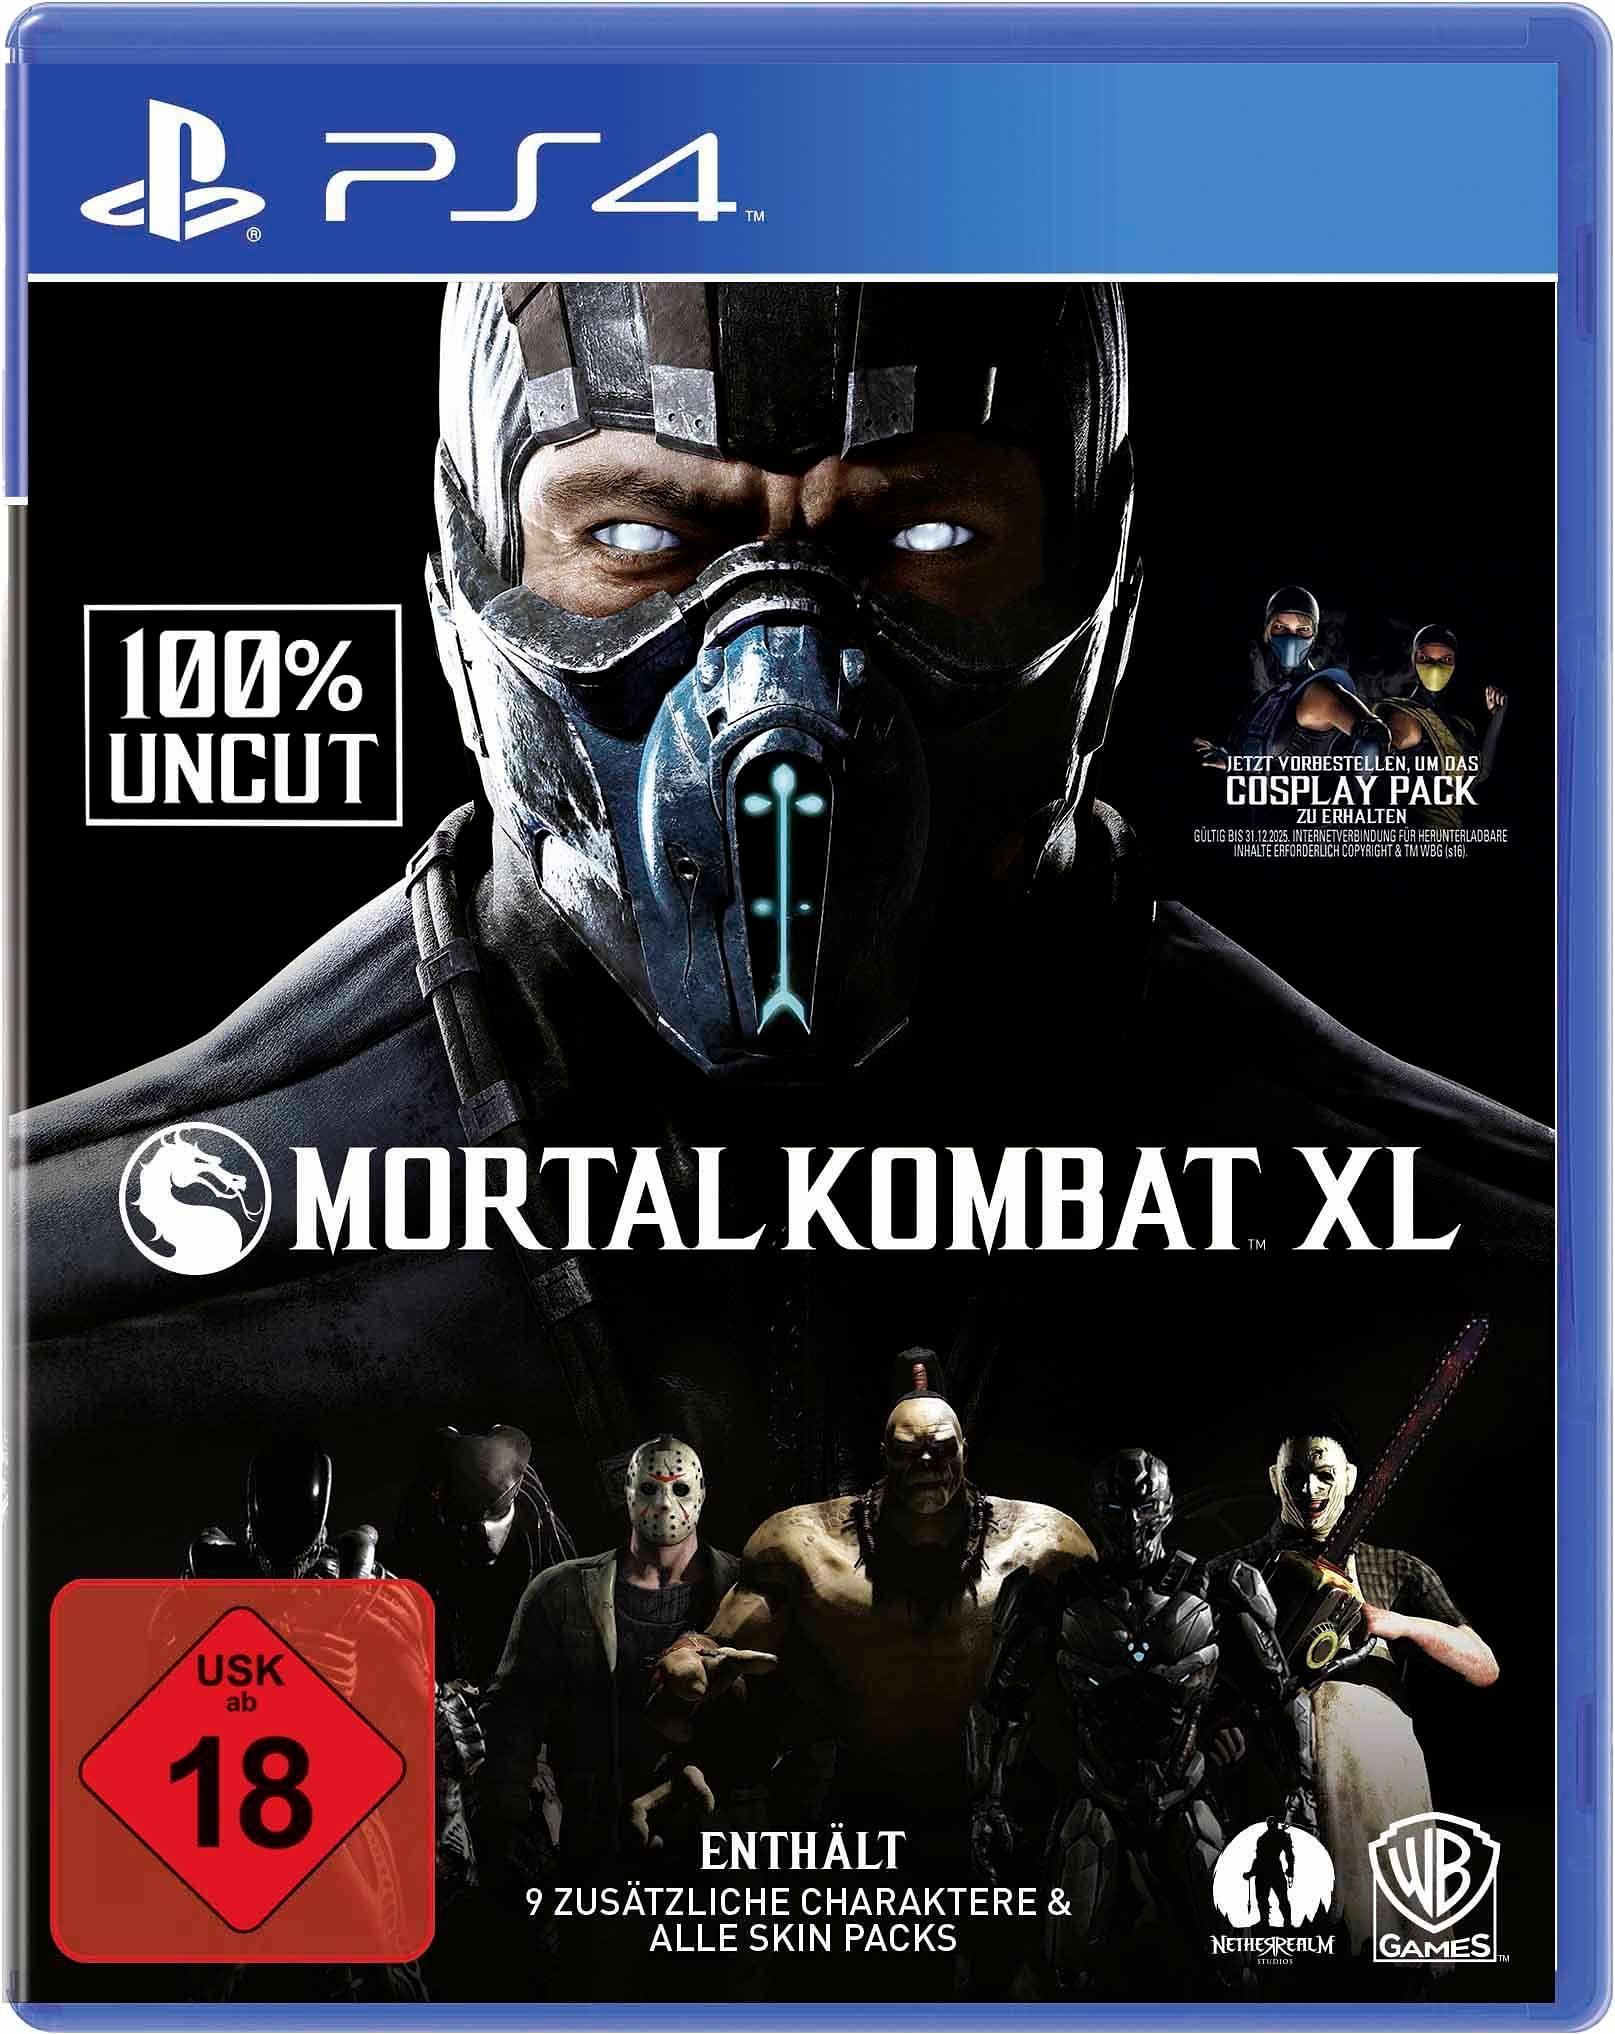 Mortal Kombat XL 100% Uncut PlayStation 4